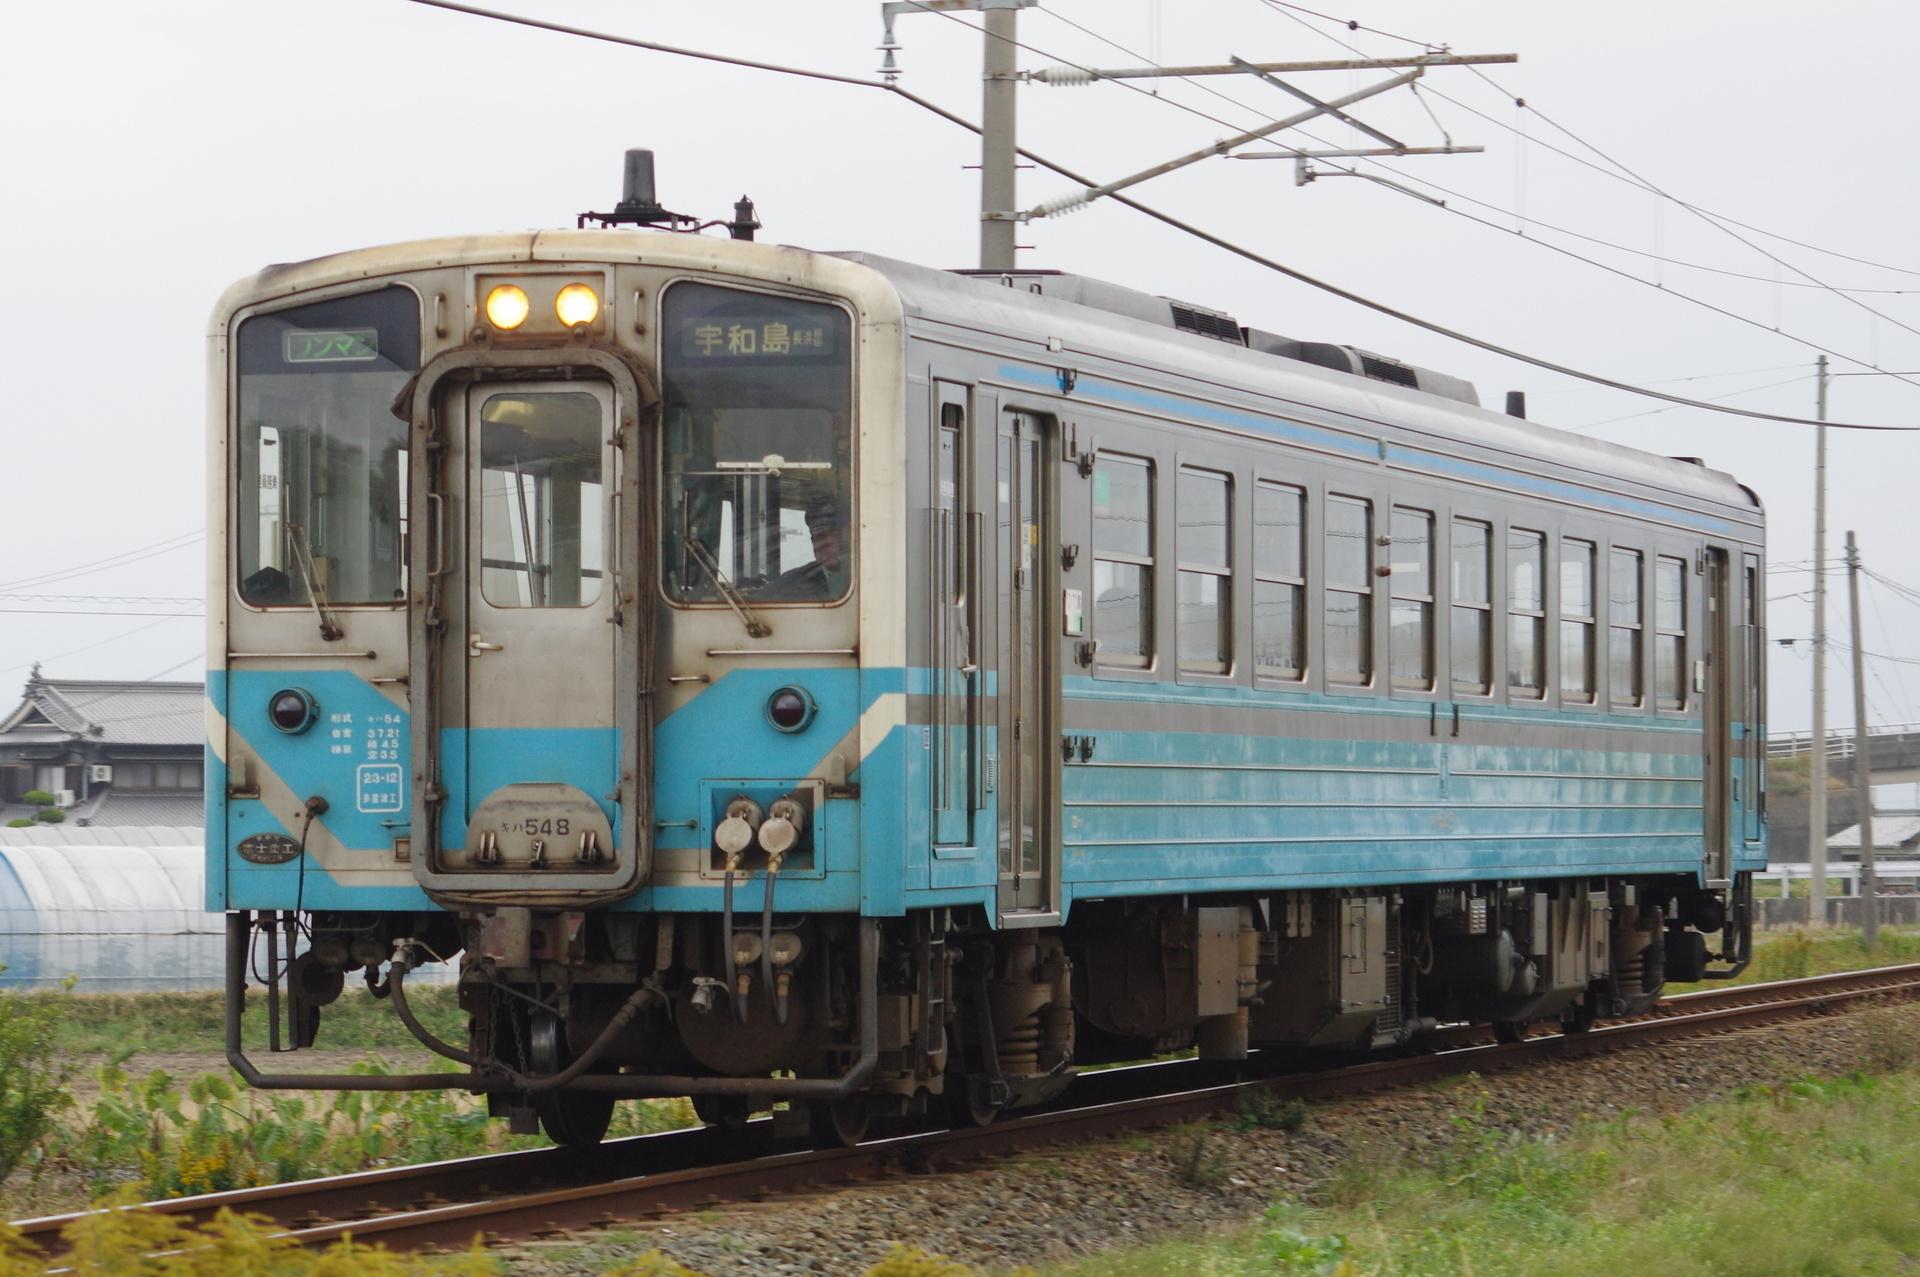 キハ54 8 宇和島行き(長浜経由)